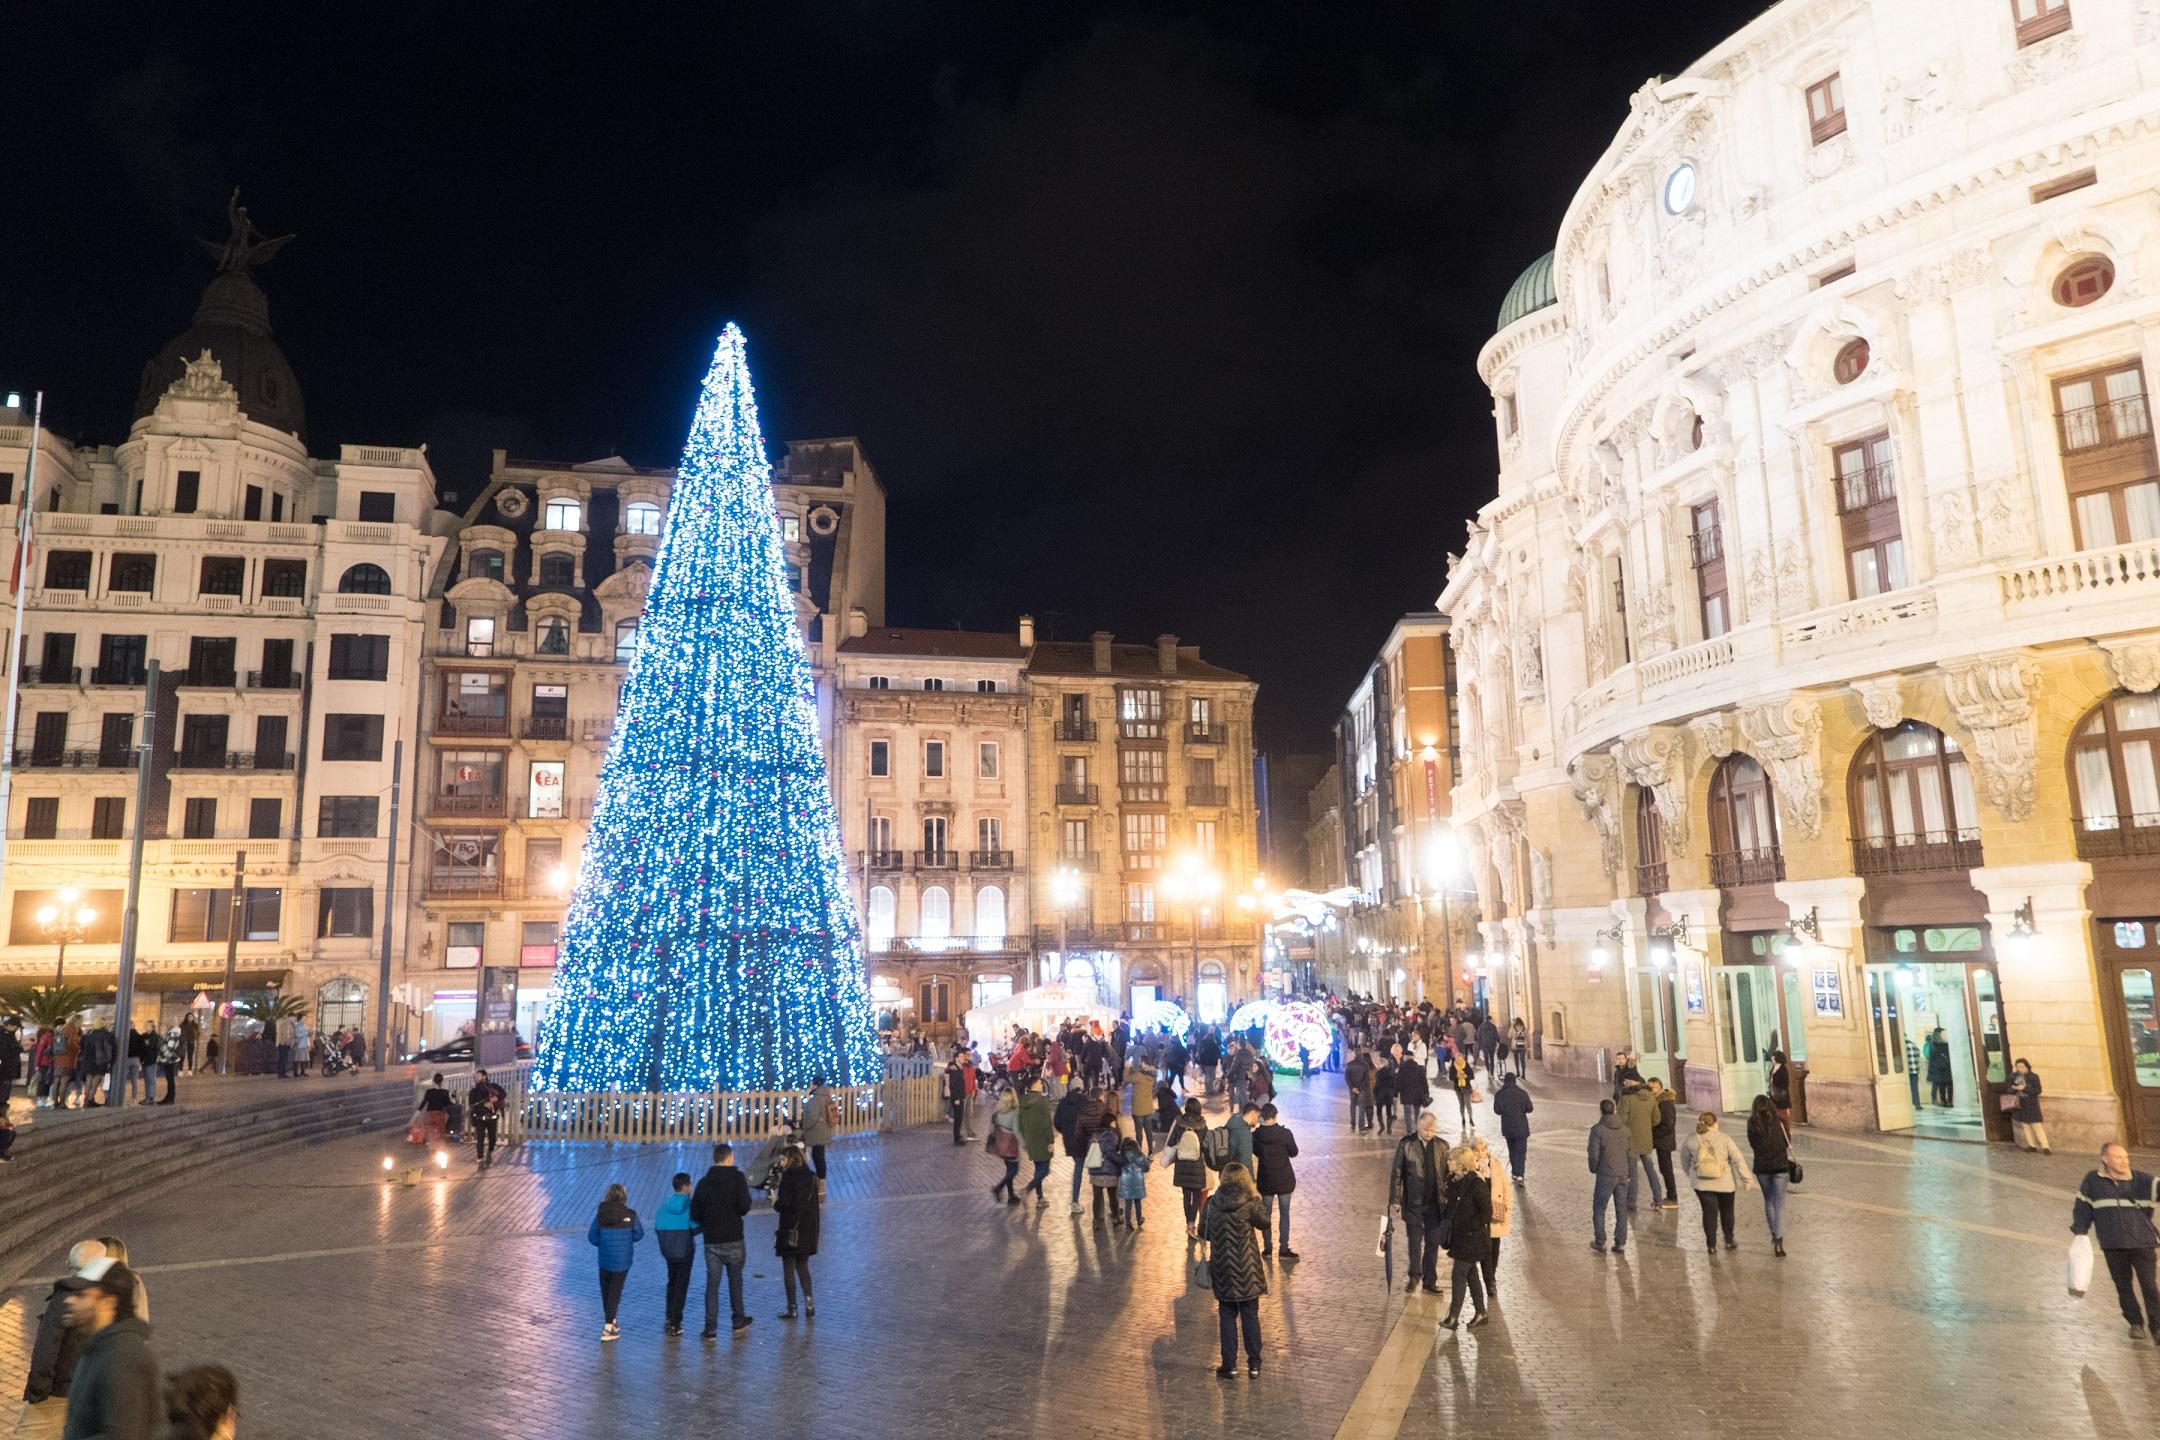 Bilbao Eus áreas Municipales Durante El Periodo Navideño